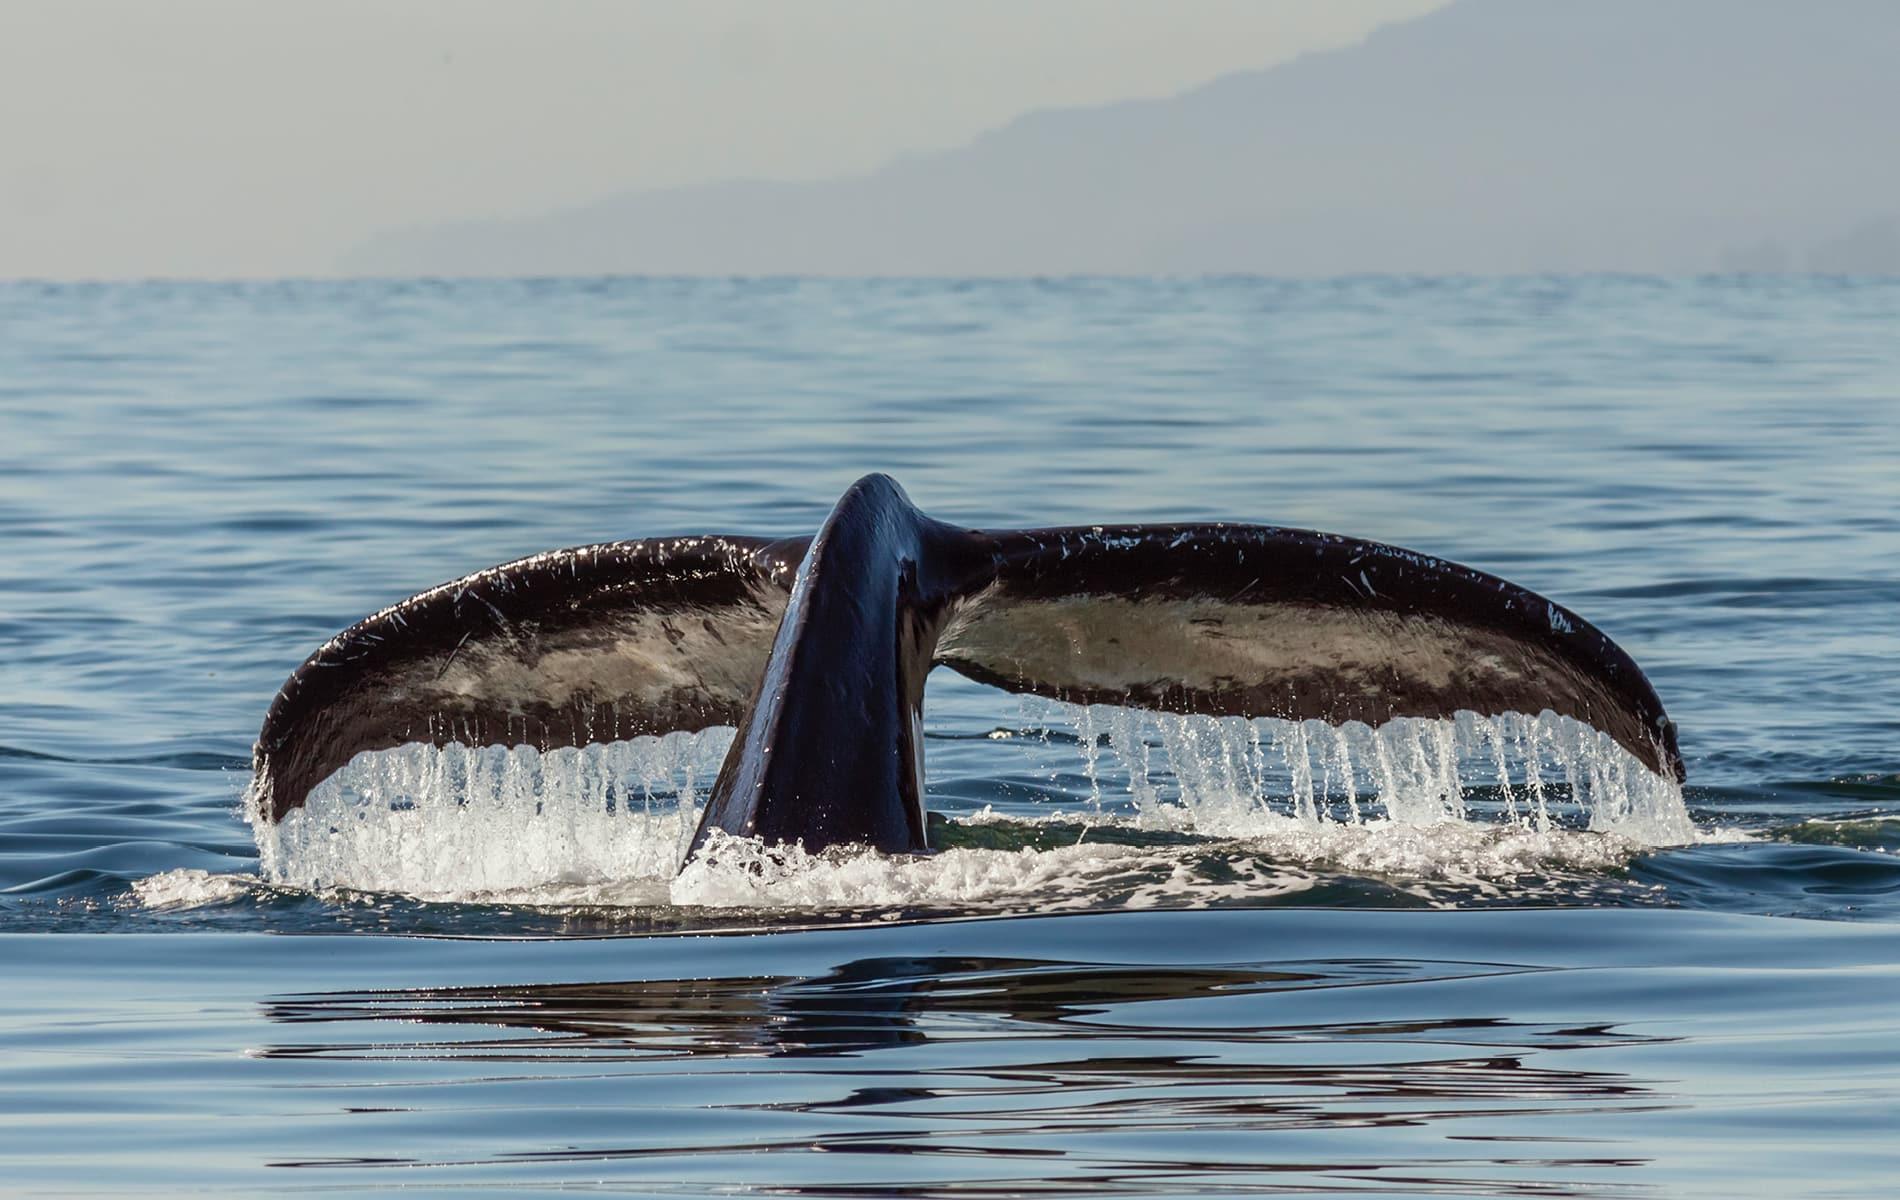 Flosse eines Buckelwals im kalten Wasser